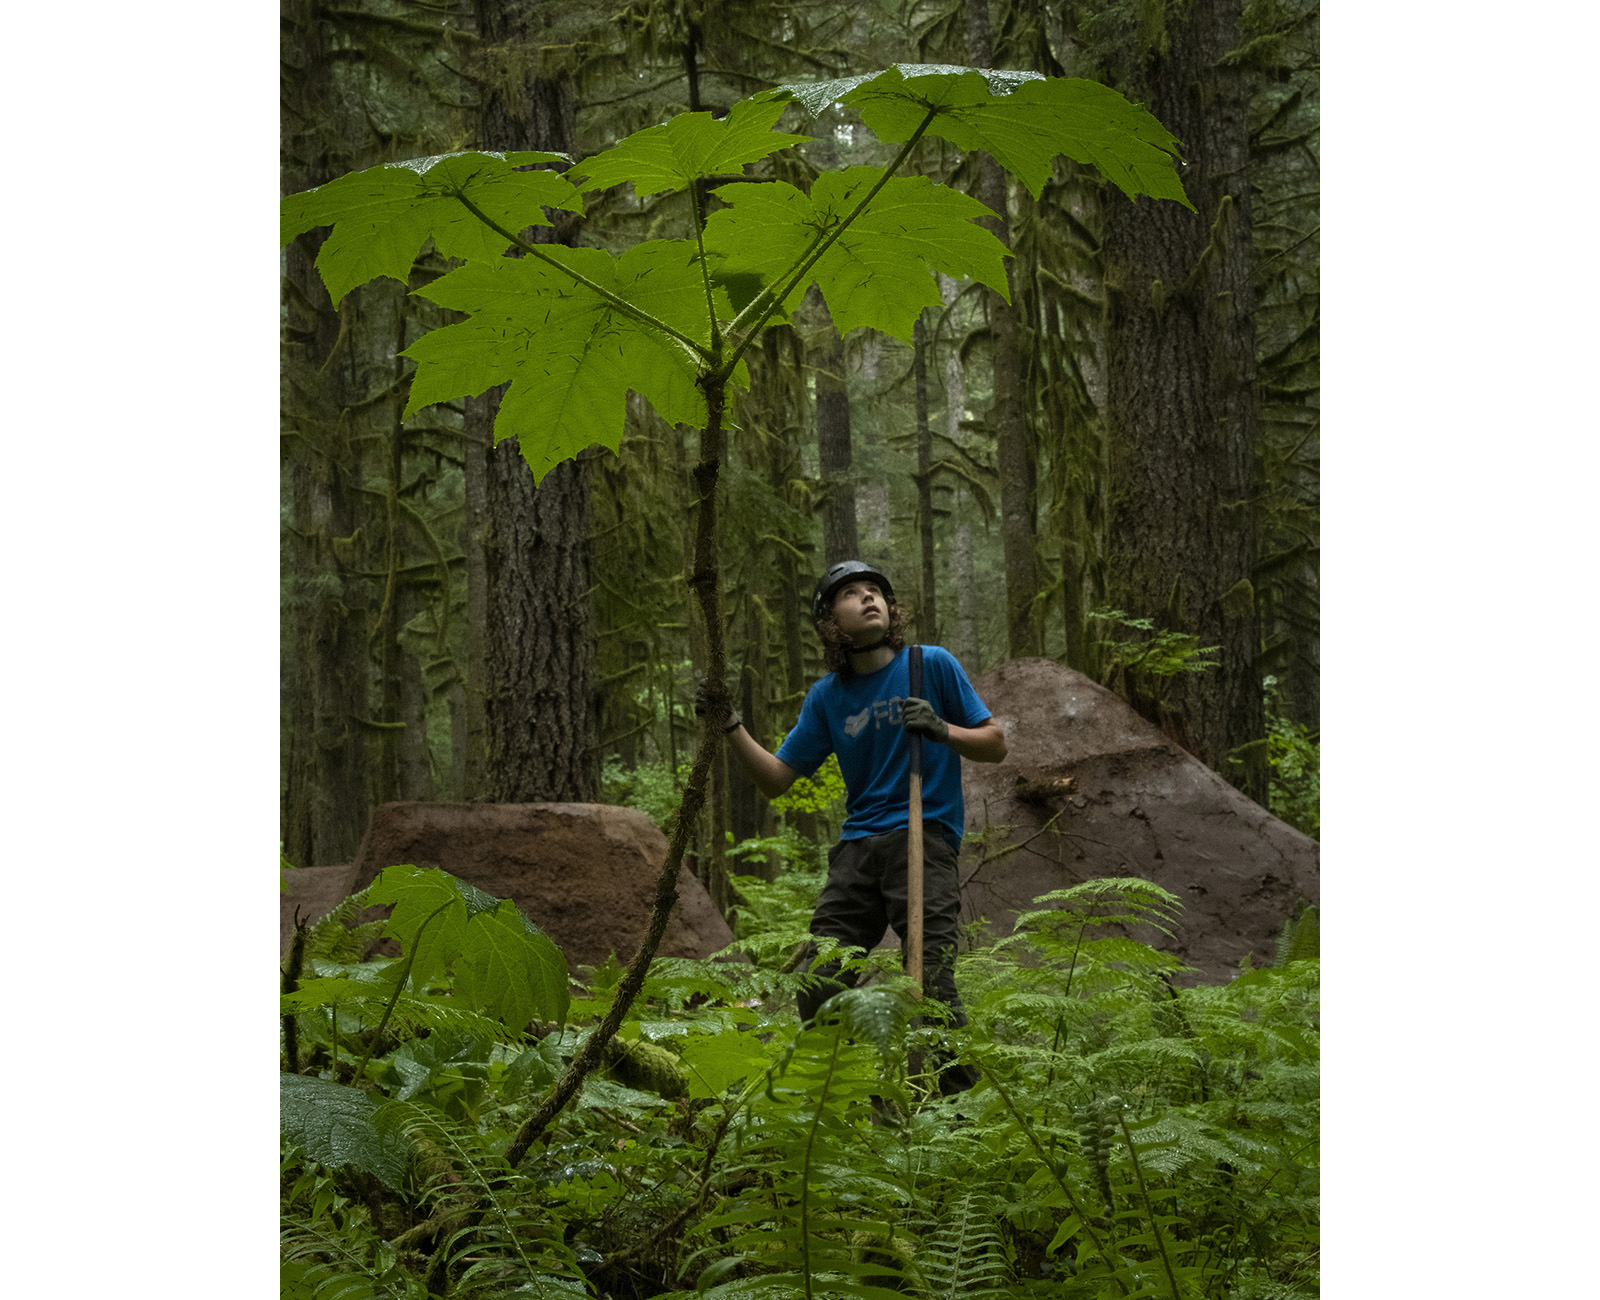 Jackson Goldstone in Squamish British Columbia Canada